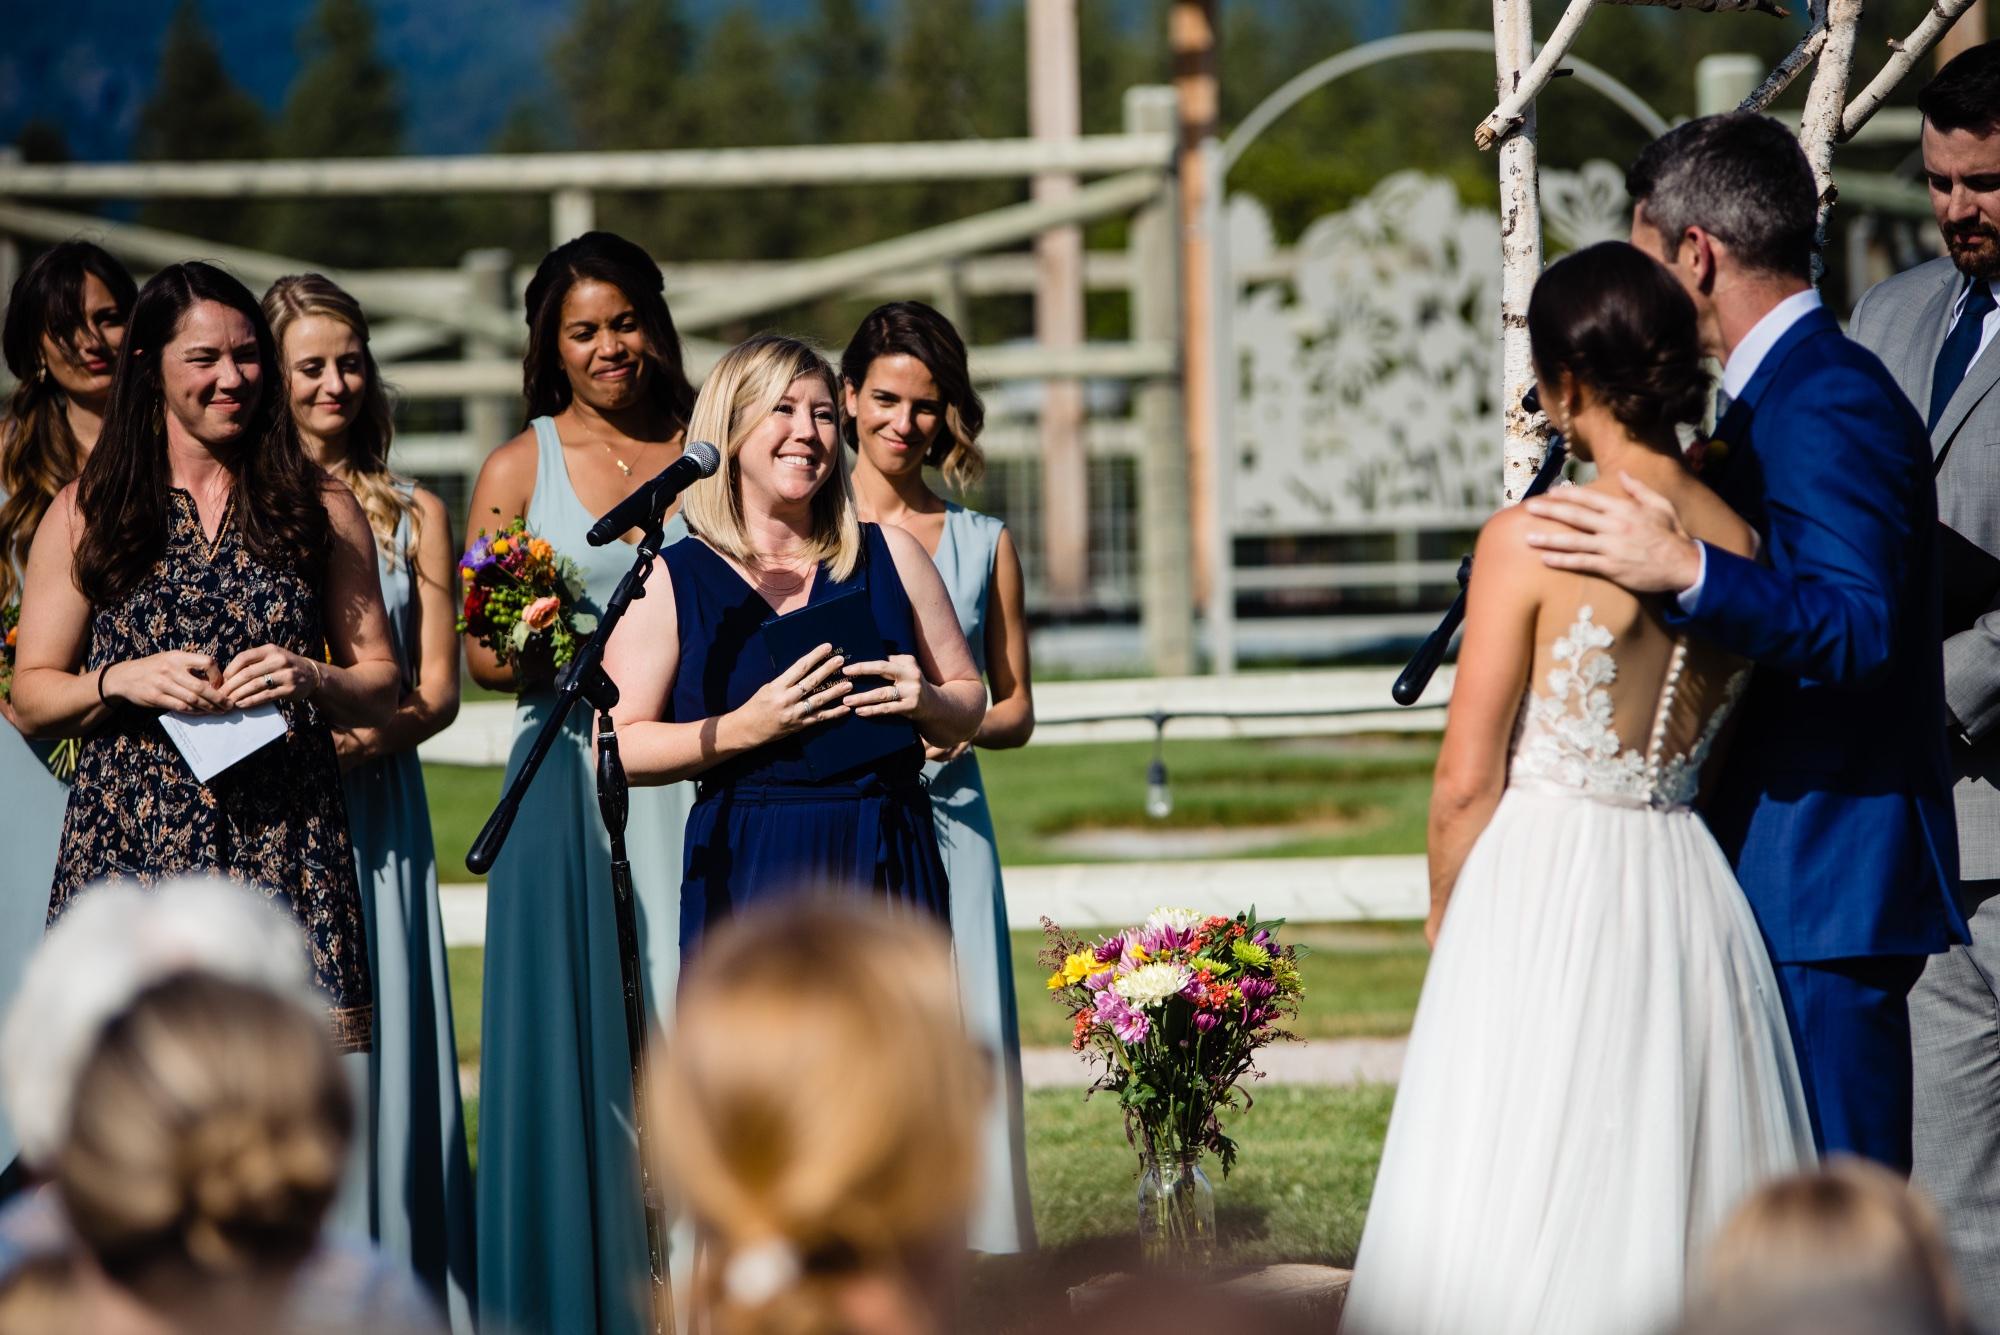 lindseyjane_weddings0092.jpg